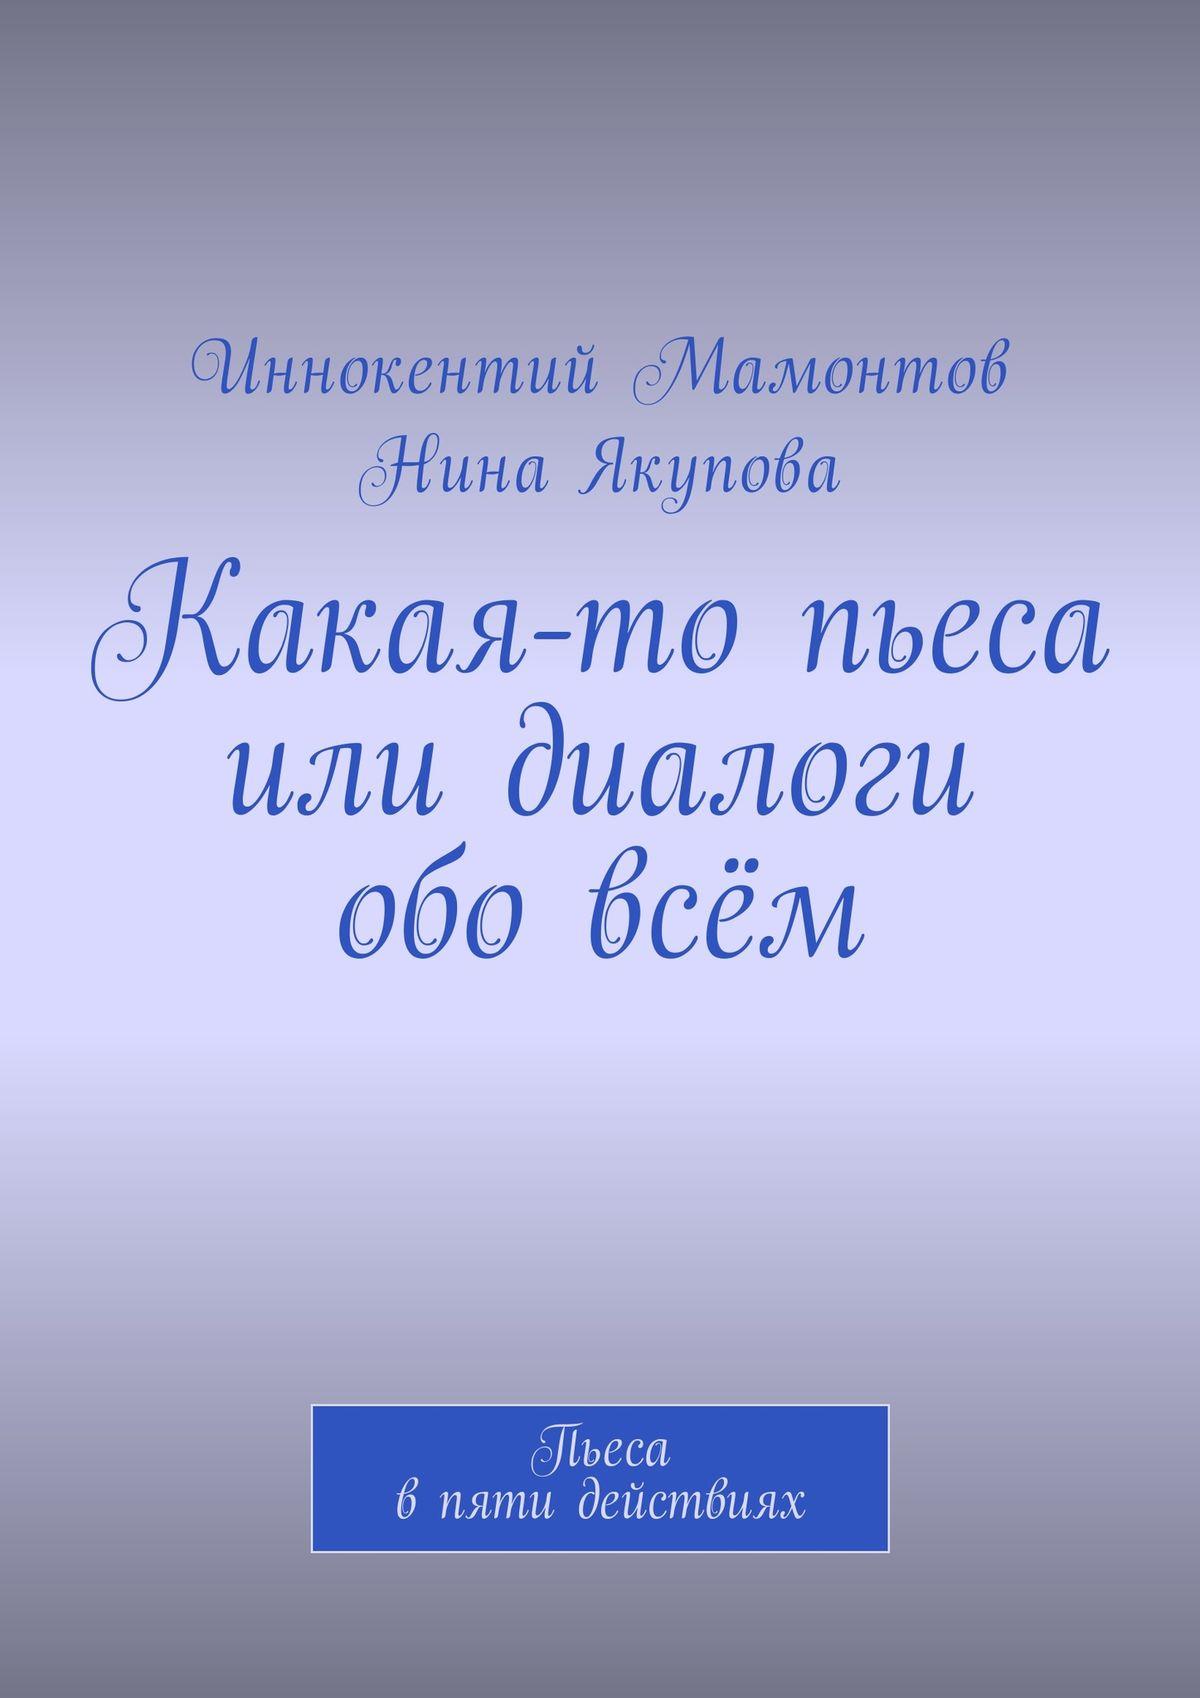 Иннокентий Алексеевич Мамонтов Какая-то пьеса или диалоги обовсём. Пьеса впяти действиях иннокентий мамонтов несуществующая книга